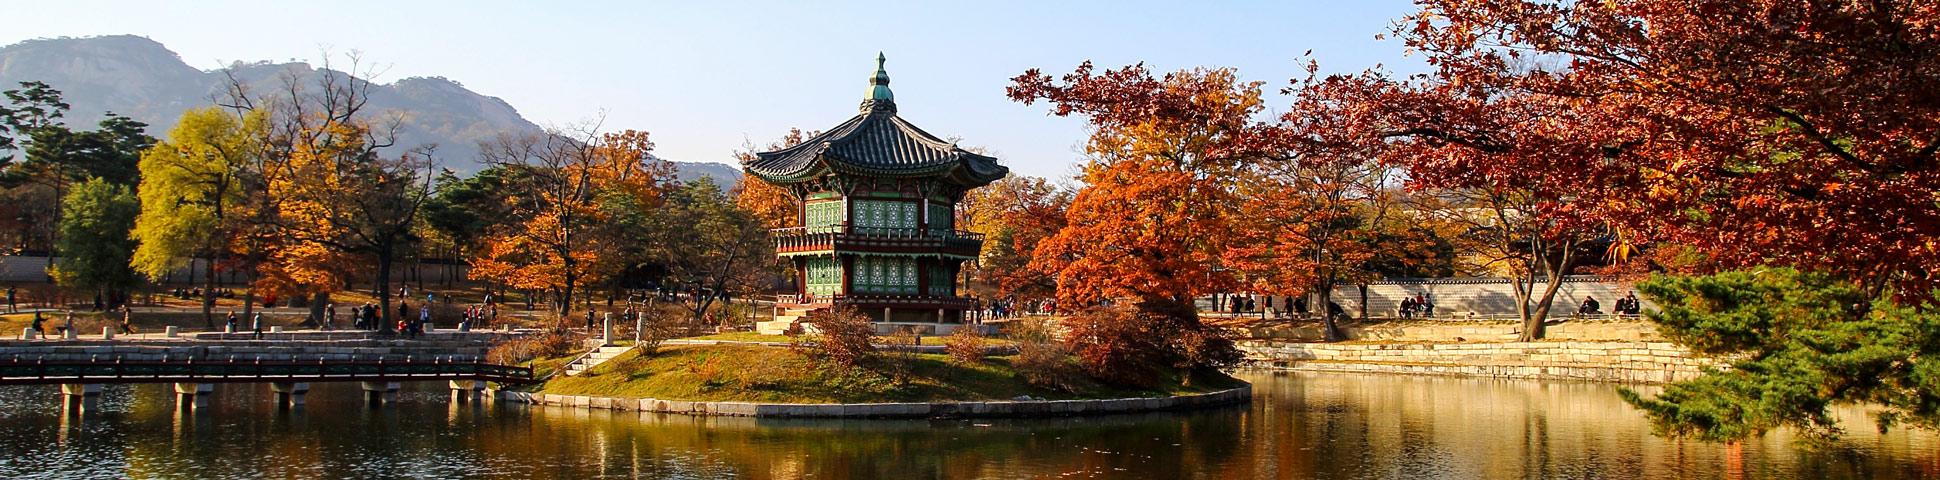 14-Day Seoul to Seoraksan Hiking Tour